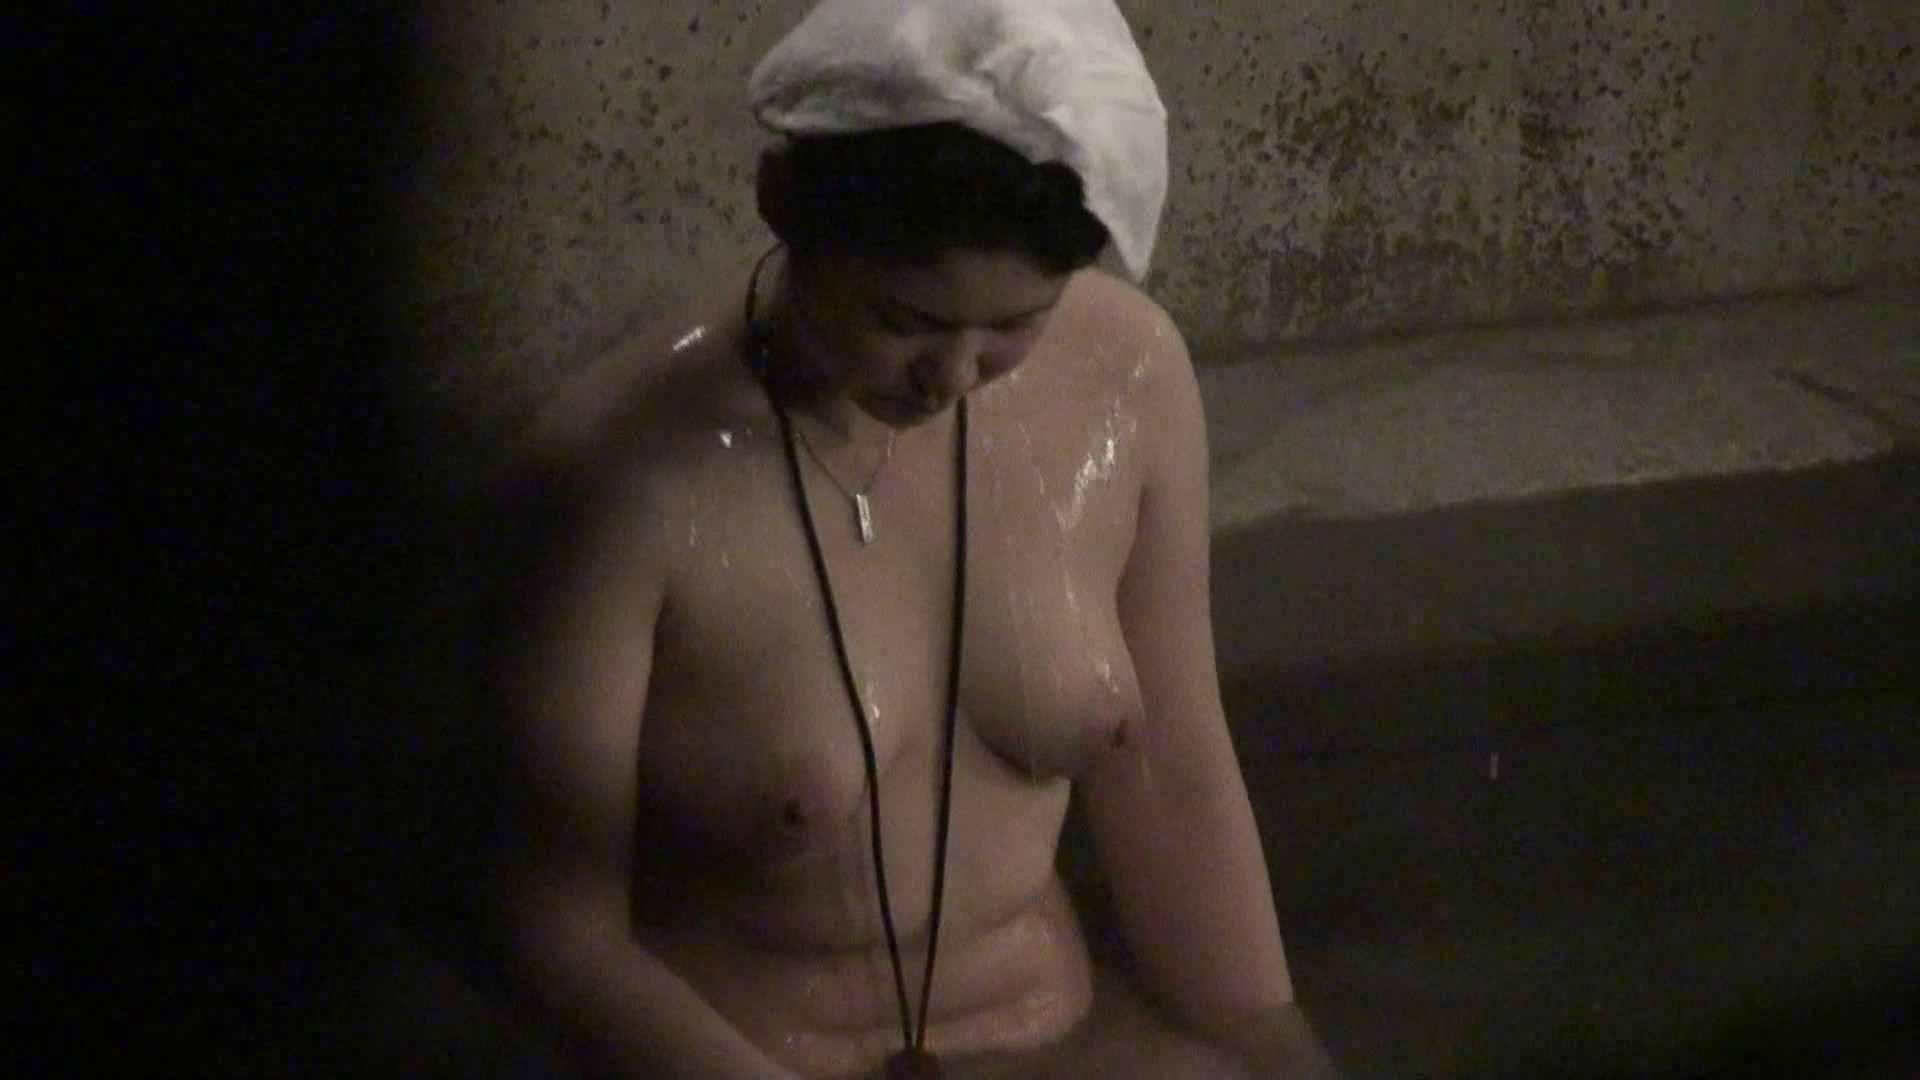 Aquaな露天風呂Vol.408 盗撮 | OLのエロ生活  56連発 49